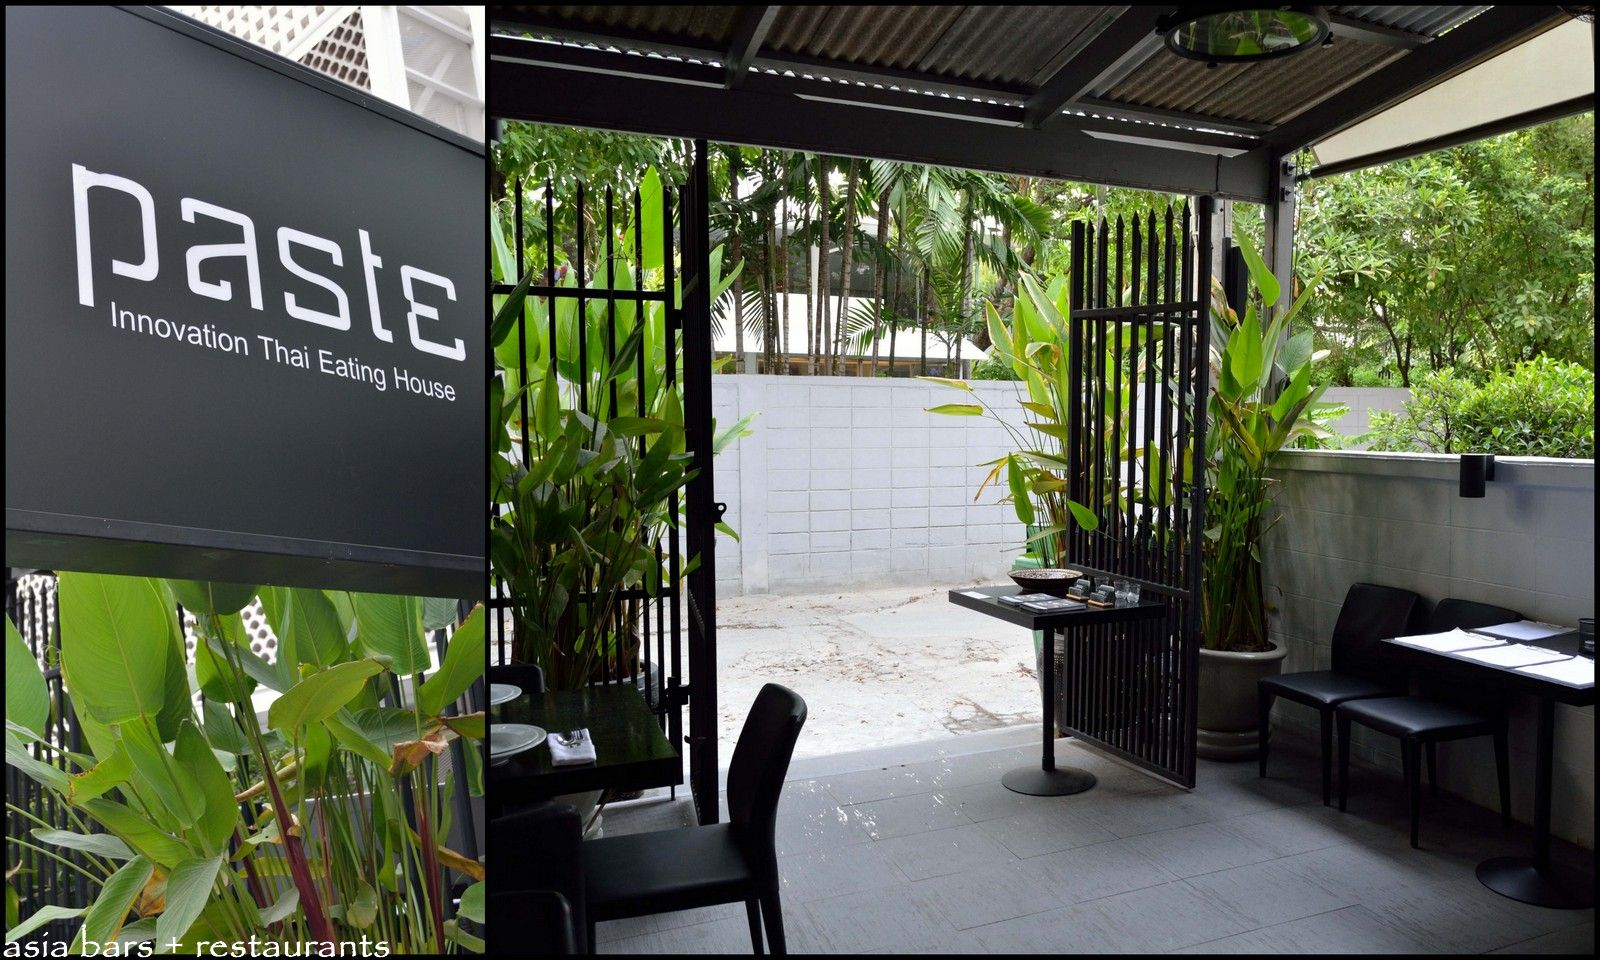 by asia bars: paste bangkok restaurant